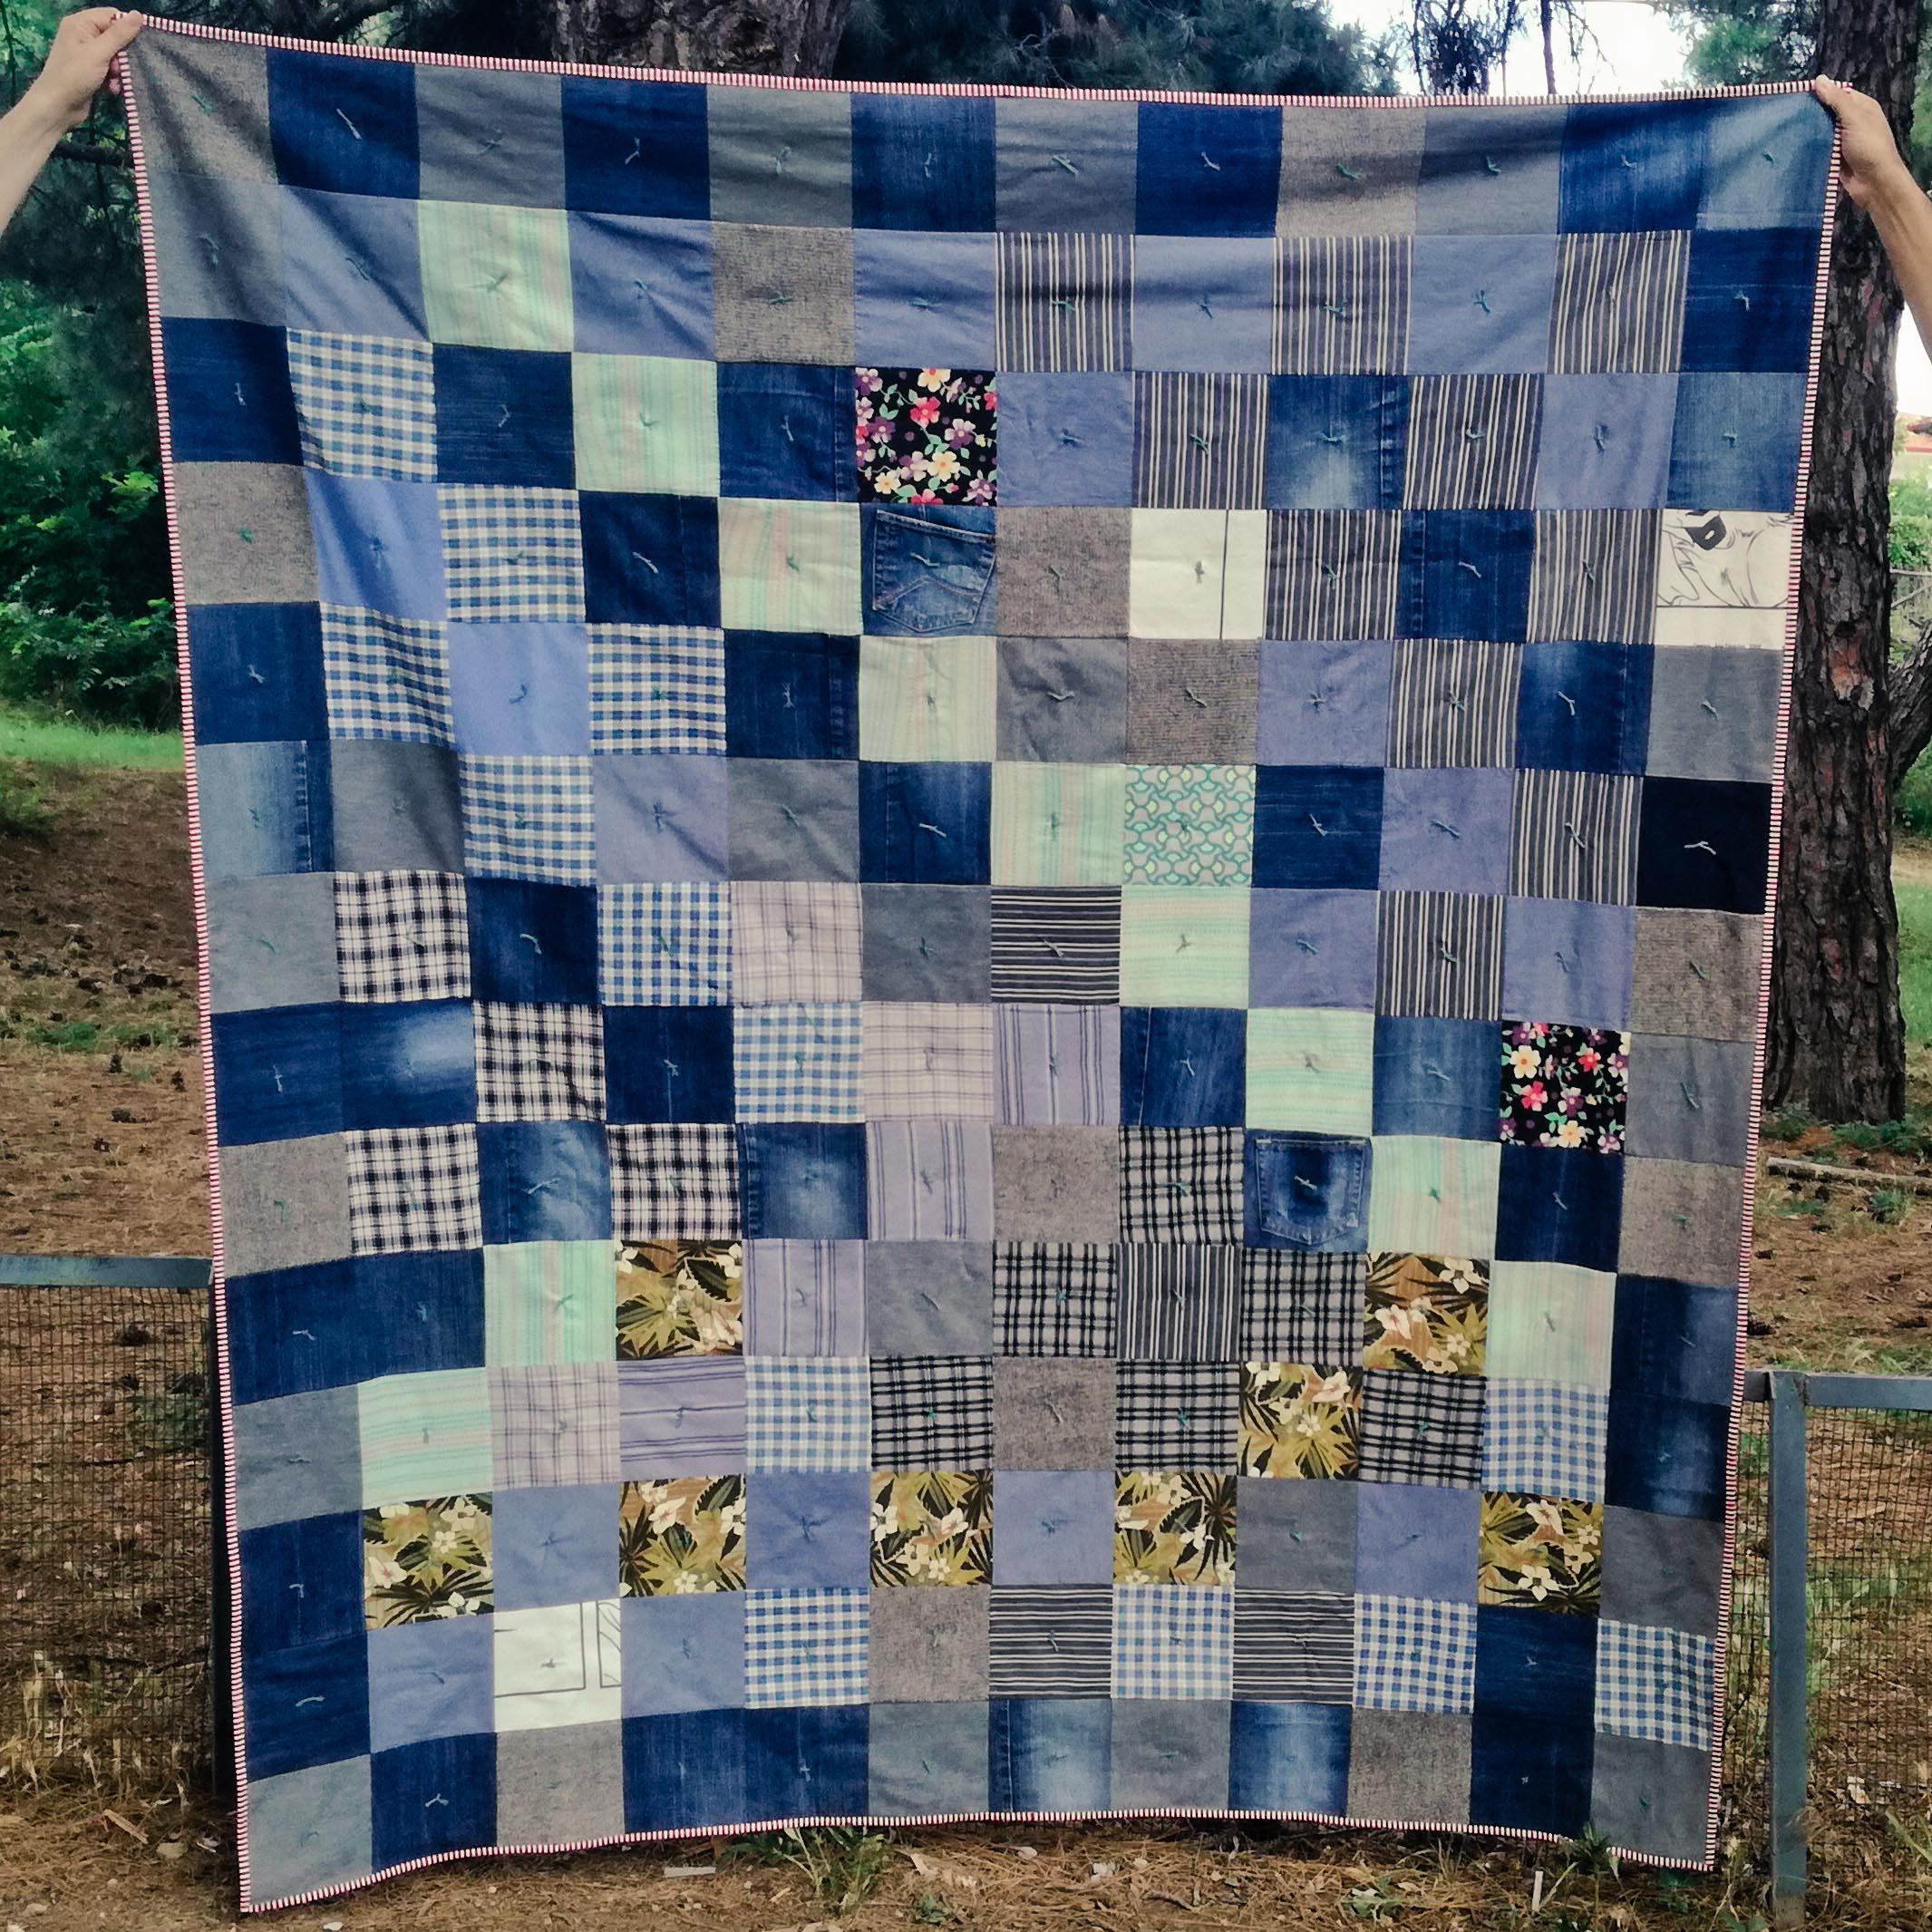 Denim quilt using clothing